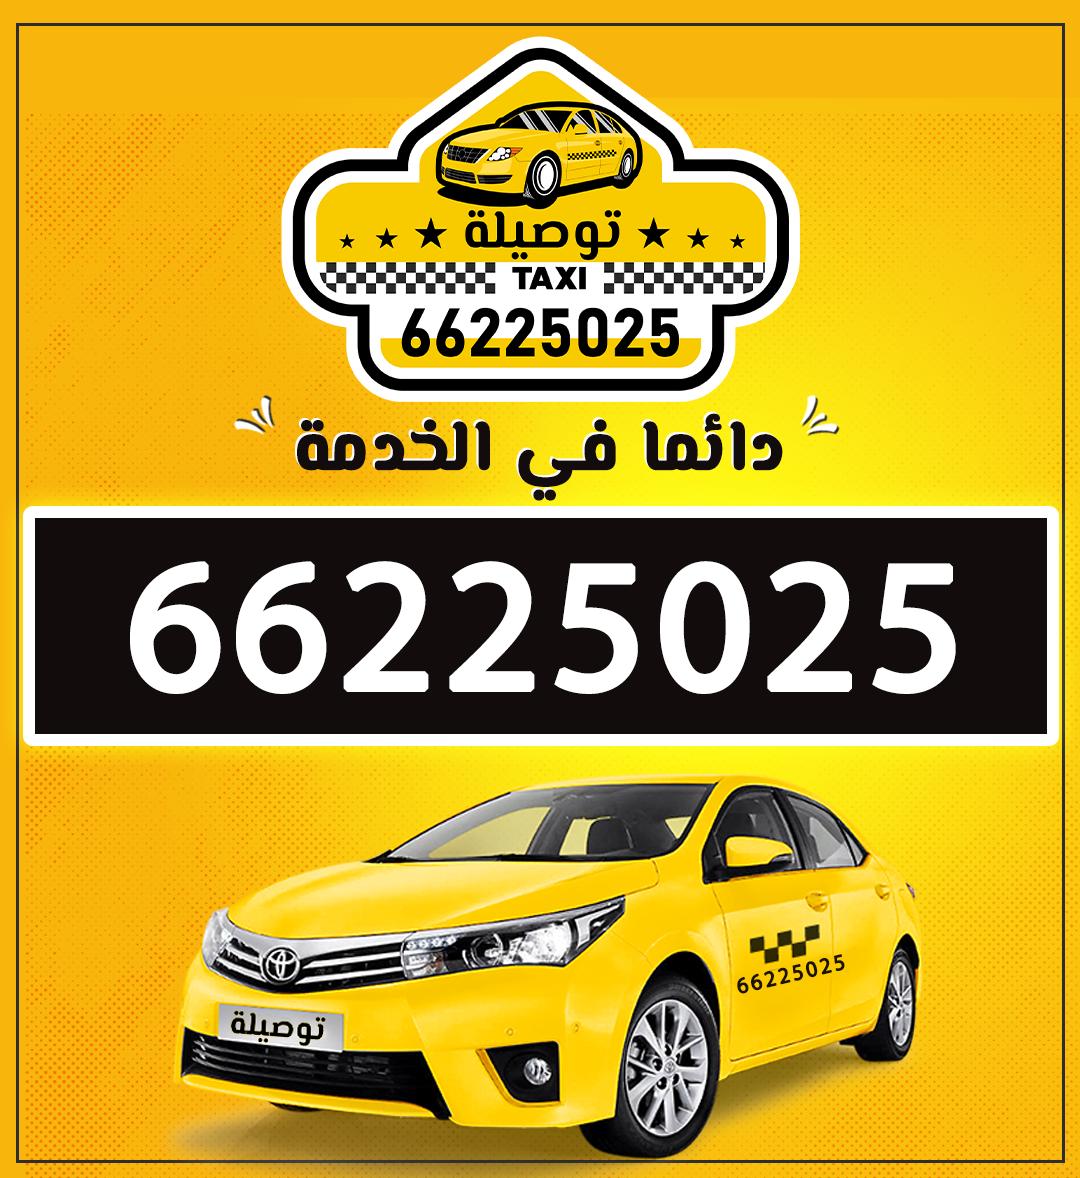 تاكسي توصيلة في شارع غزة